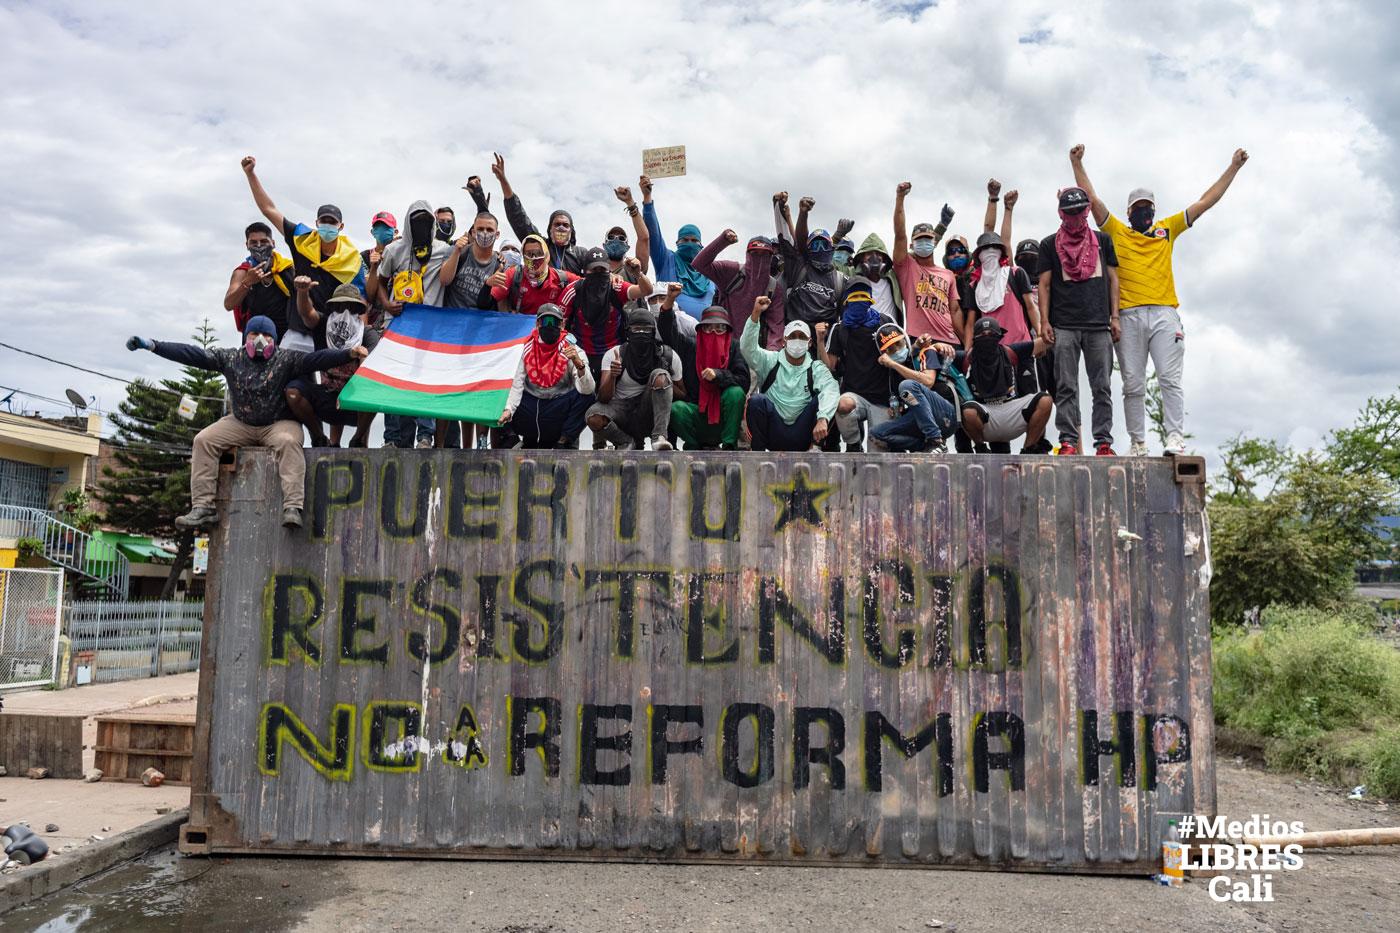 Puerto resistencia #MediosLibresCali